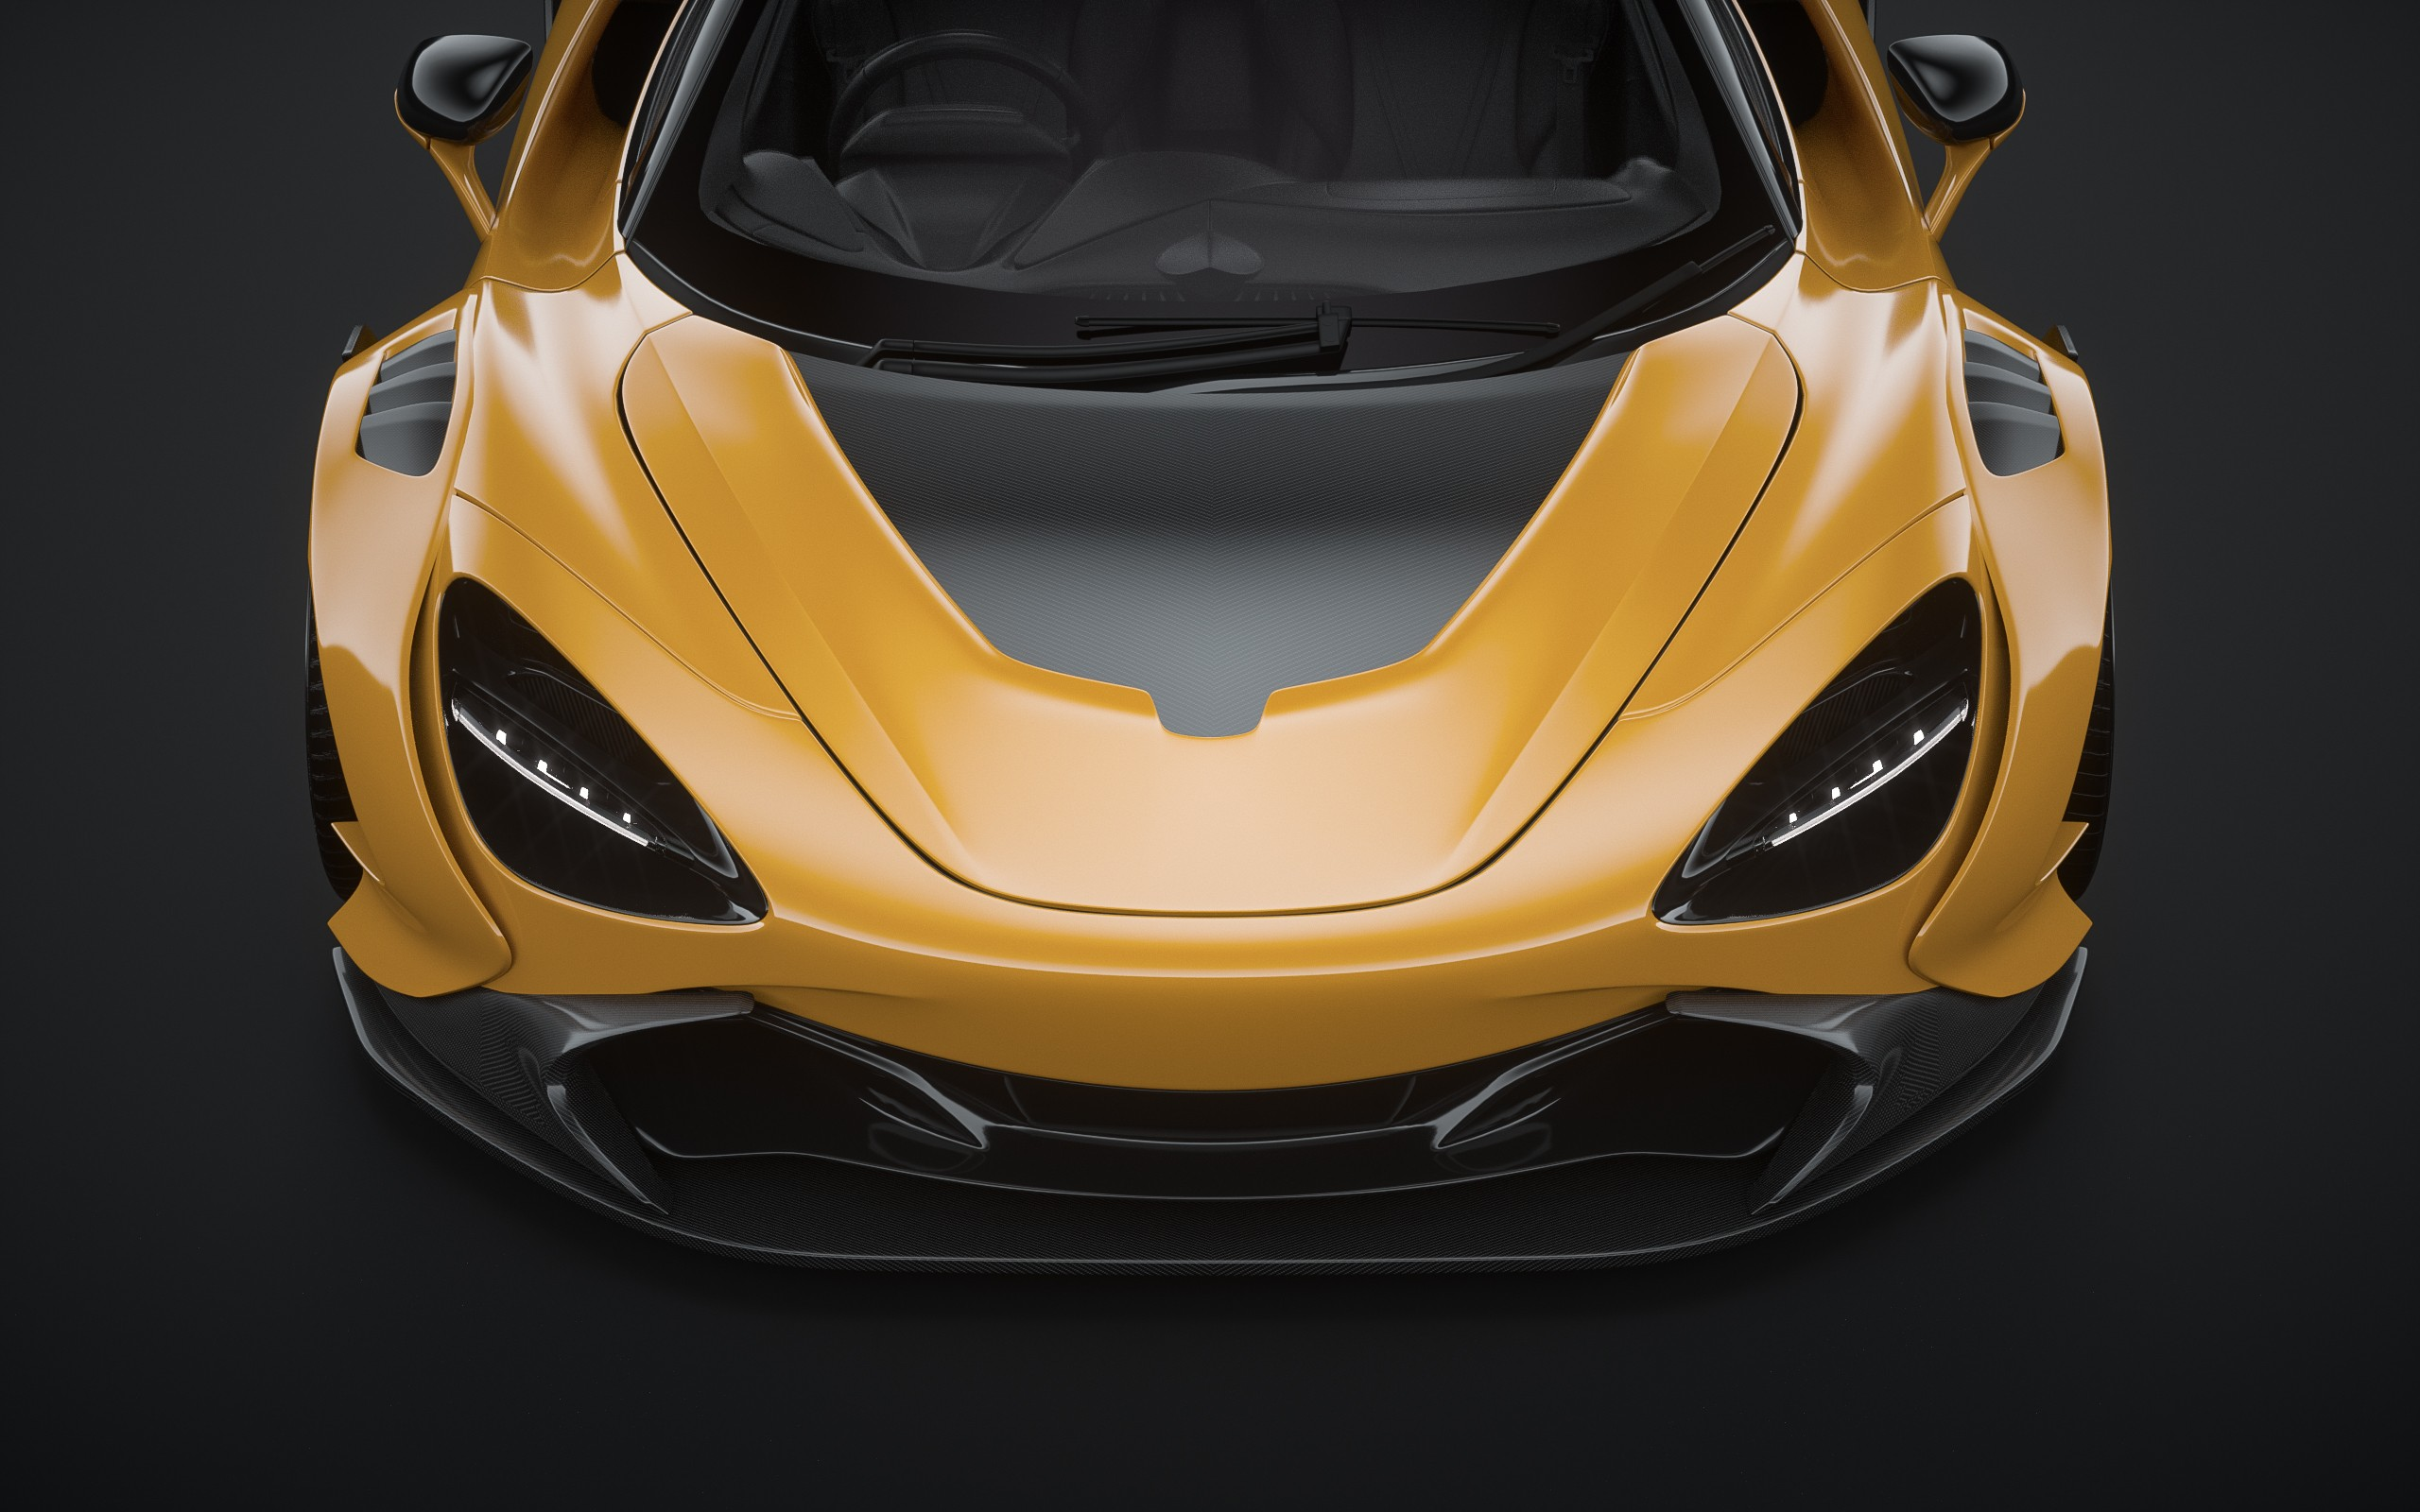 McLaren-720S-by-Zacoe-7